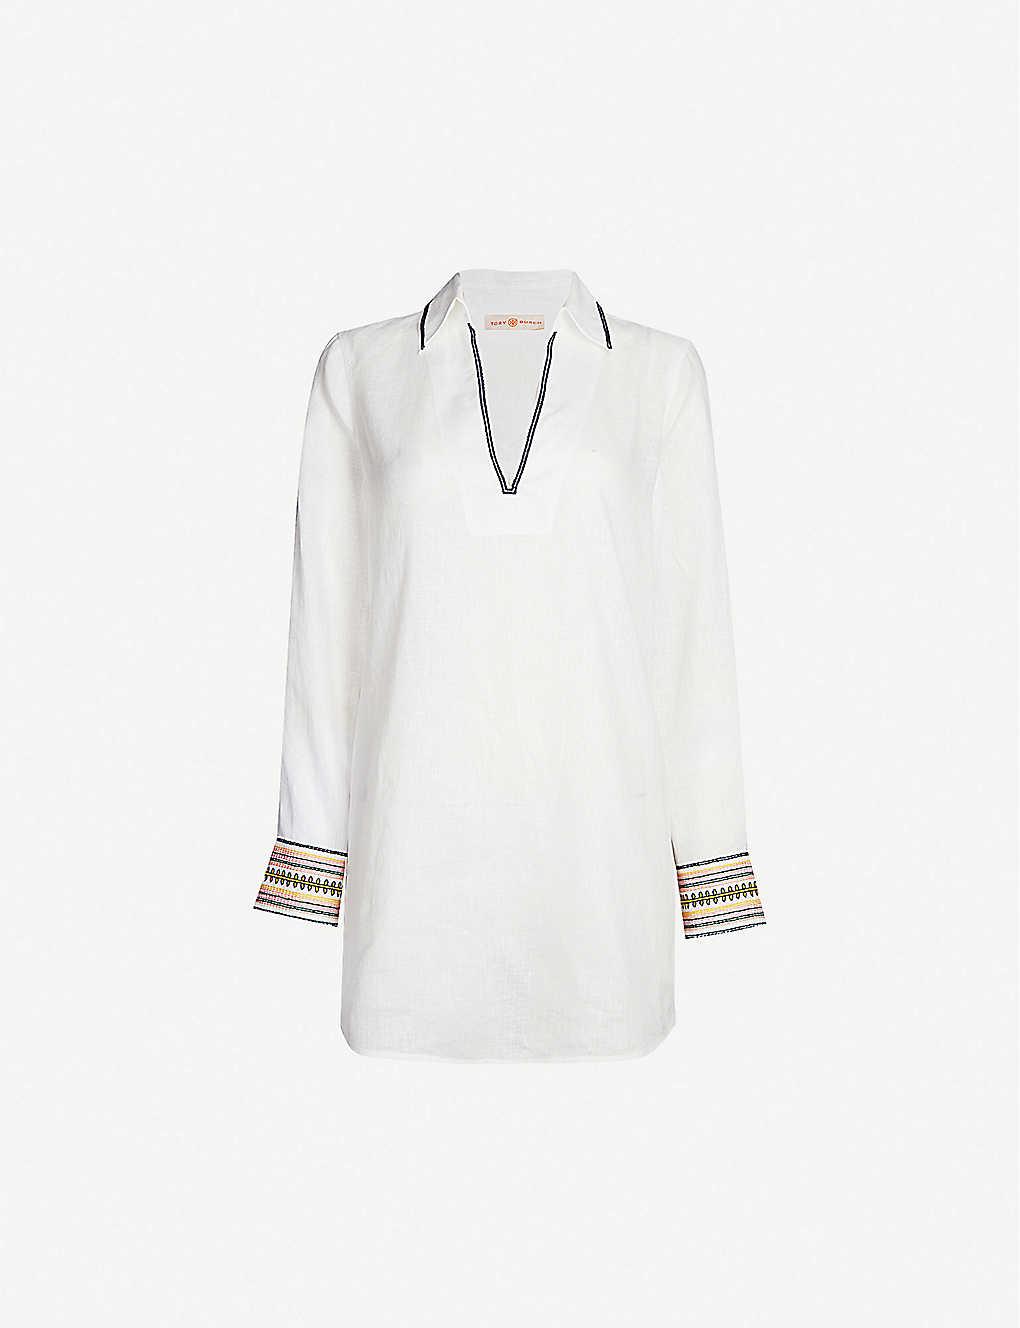 c879ea8945 TORY BURCH - Embroidered linen beach shirt | Selfridges.com